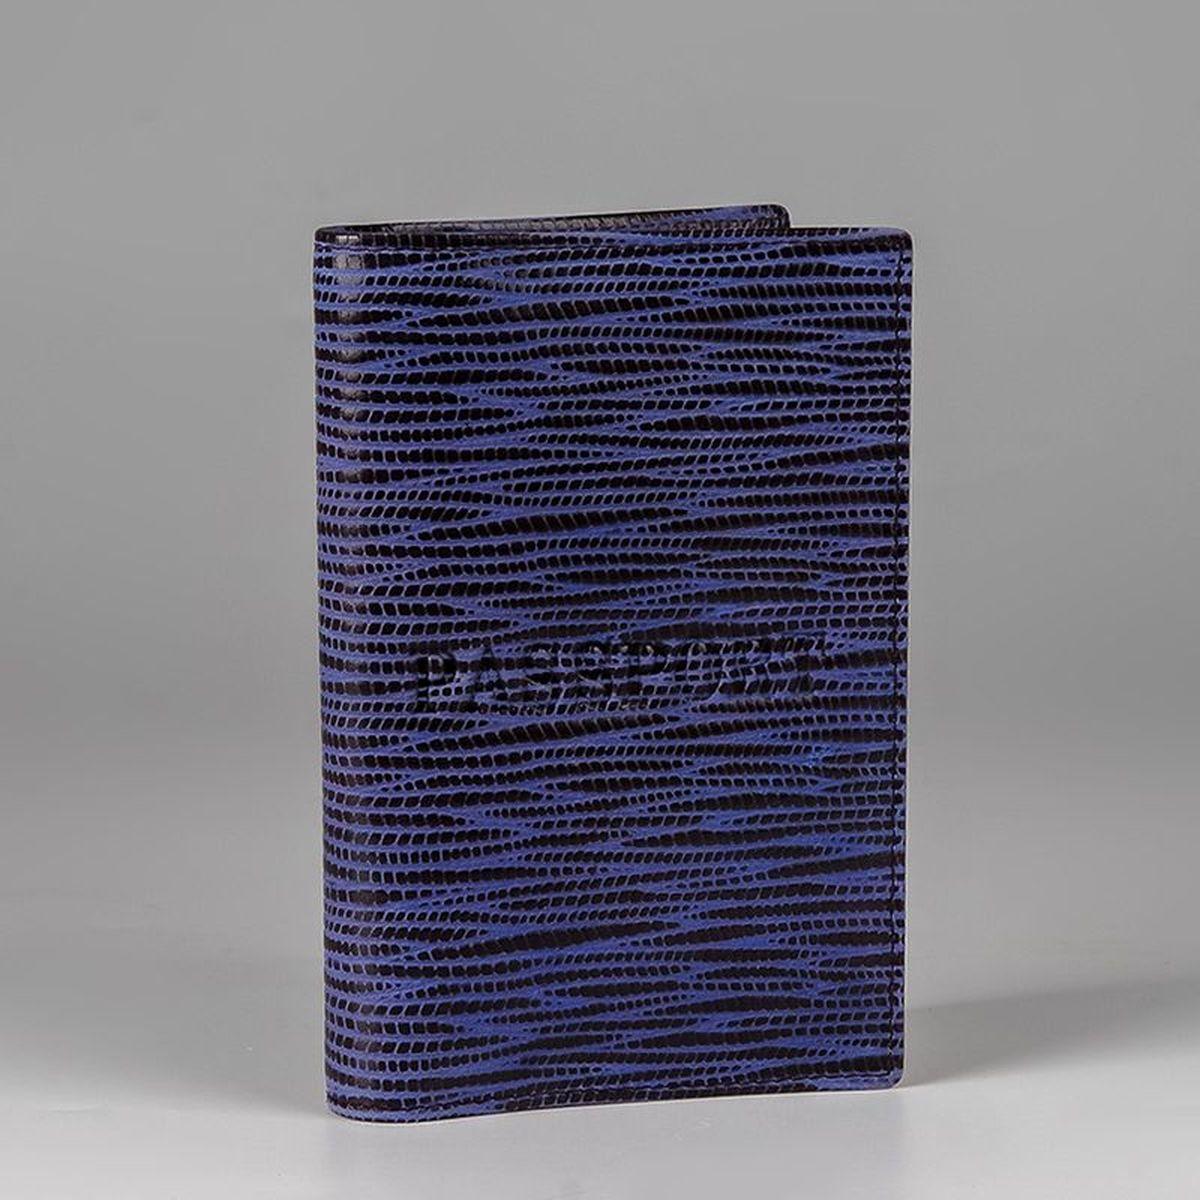 Обложка для паспорта Piero, цвет: пурпурный. ЖКГ1501250_46ЖКГ1501250_46Стильная обложка для паспорта из натуральной кожи с тиснением. Smart-решение: для облегчения изделия все перегородки выполнены из ткани.